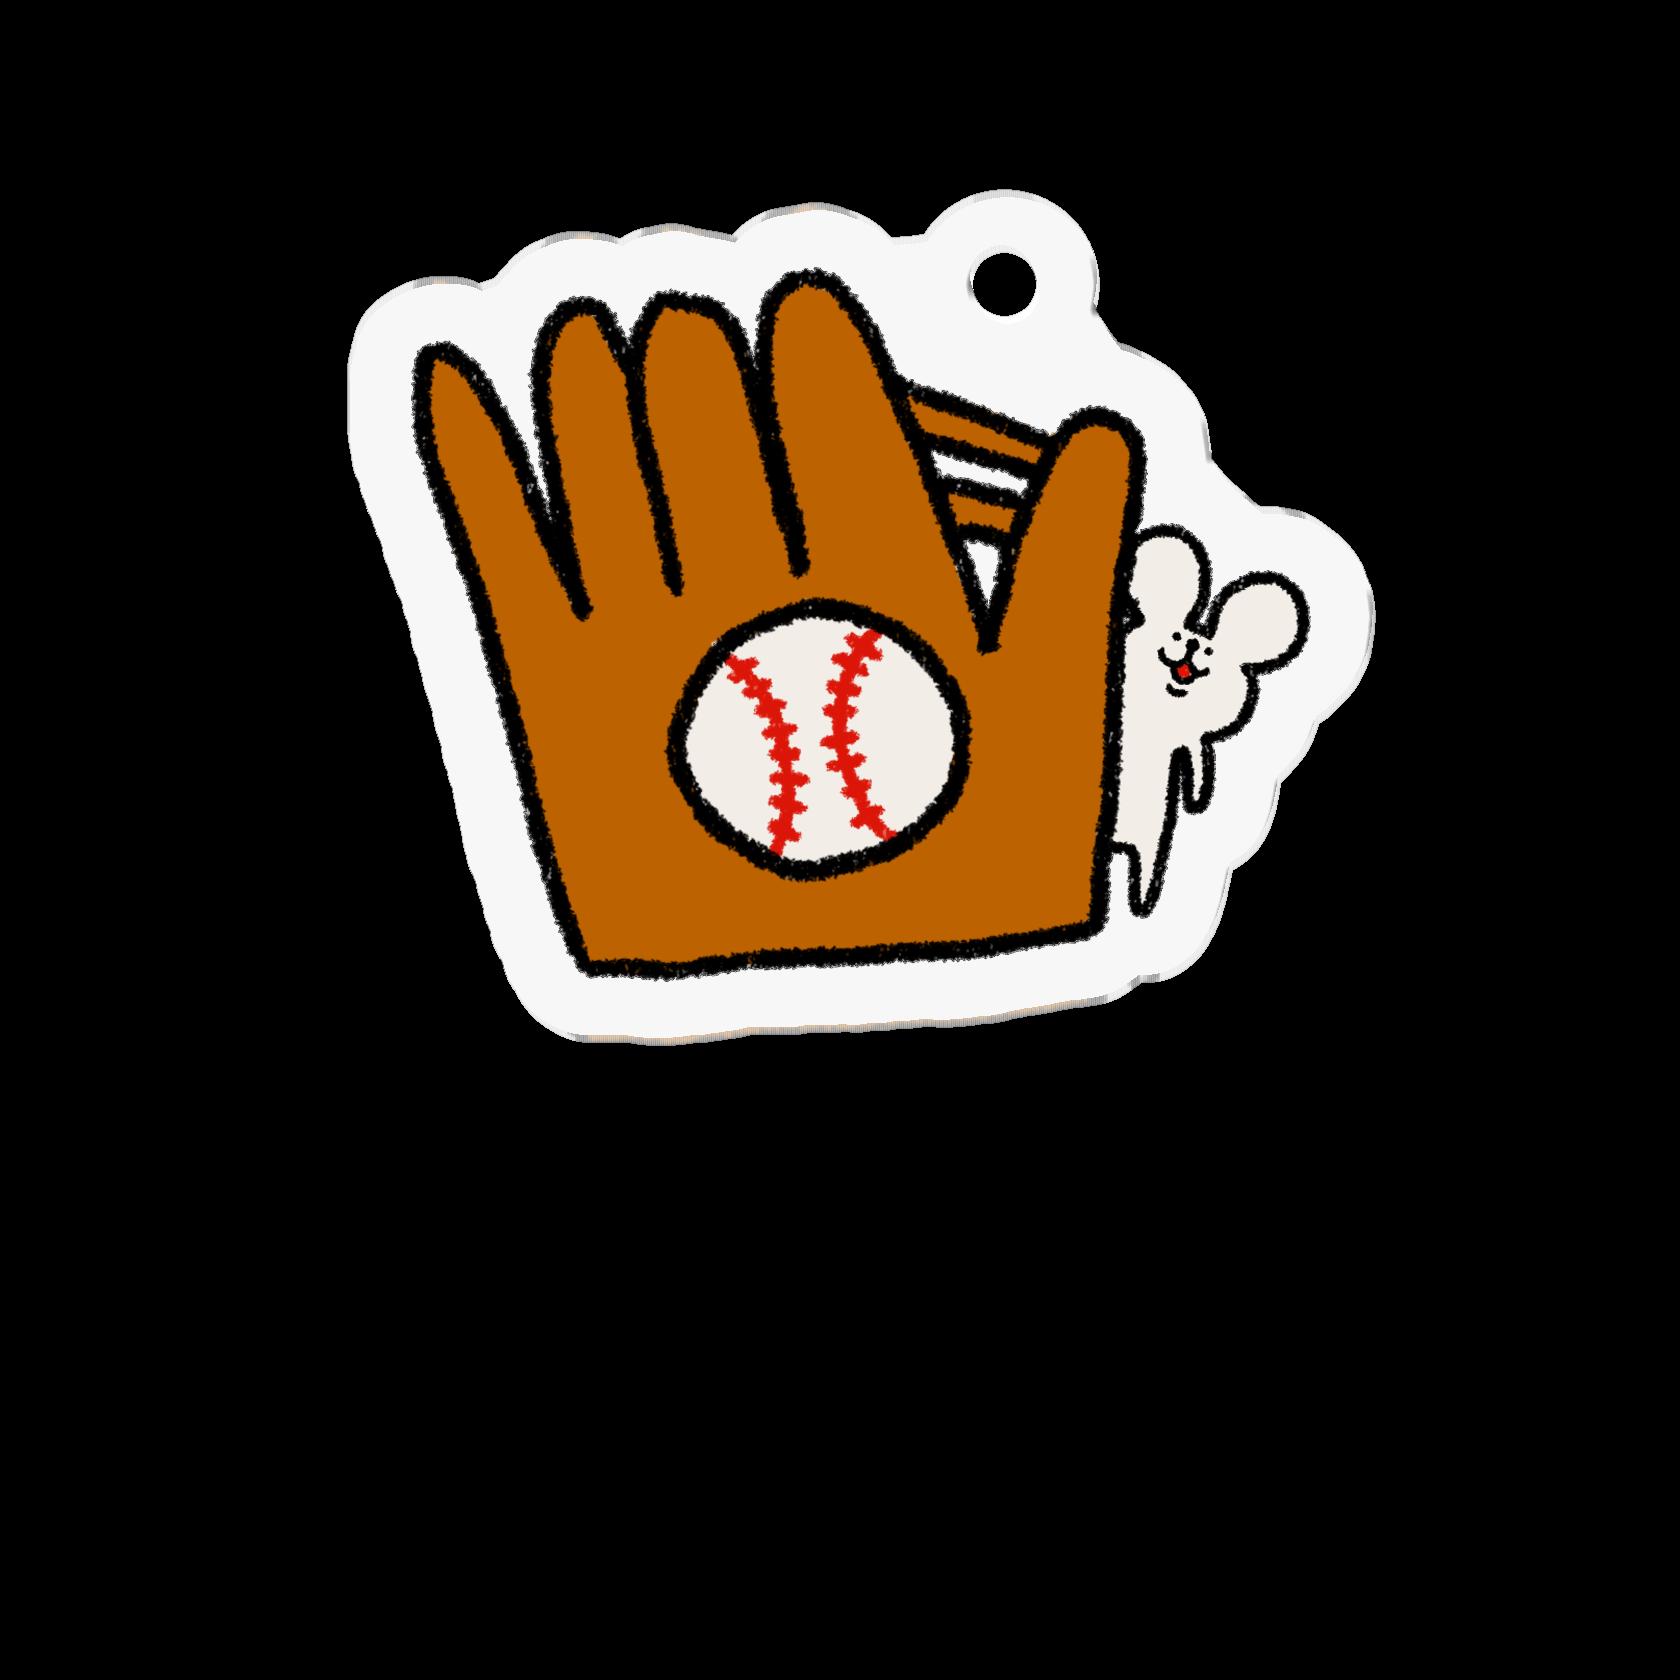 アクリルキーホルダー|野球しようや!